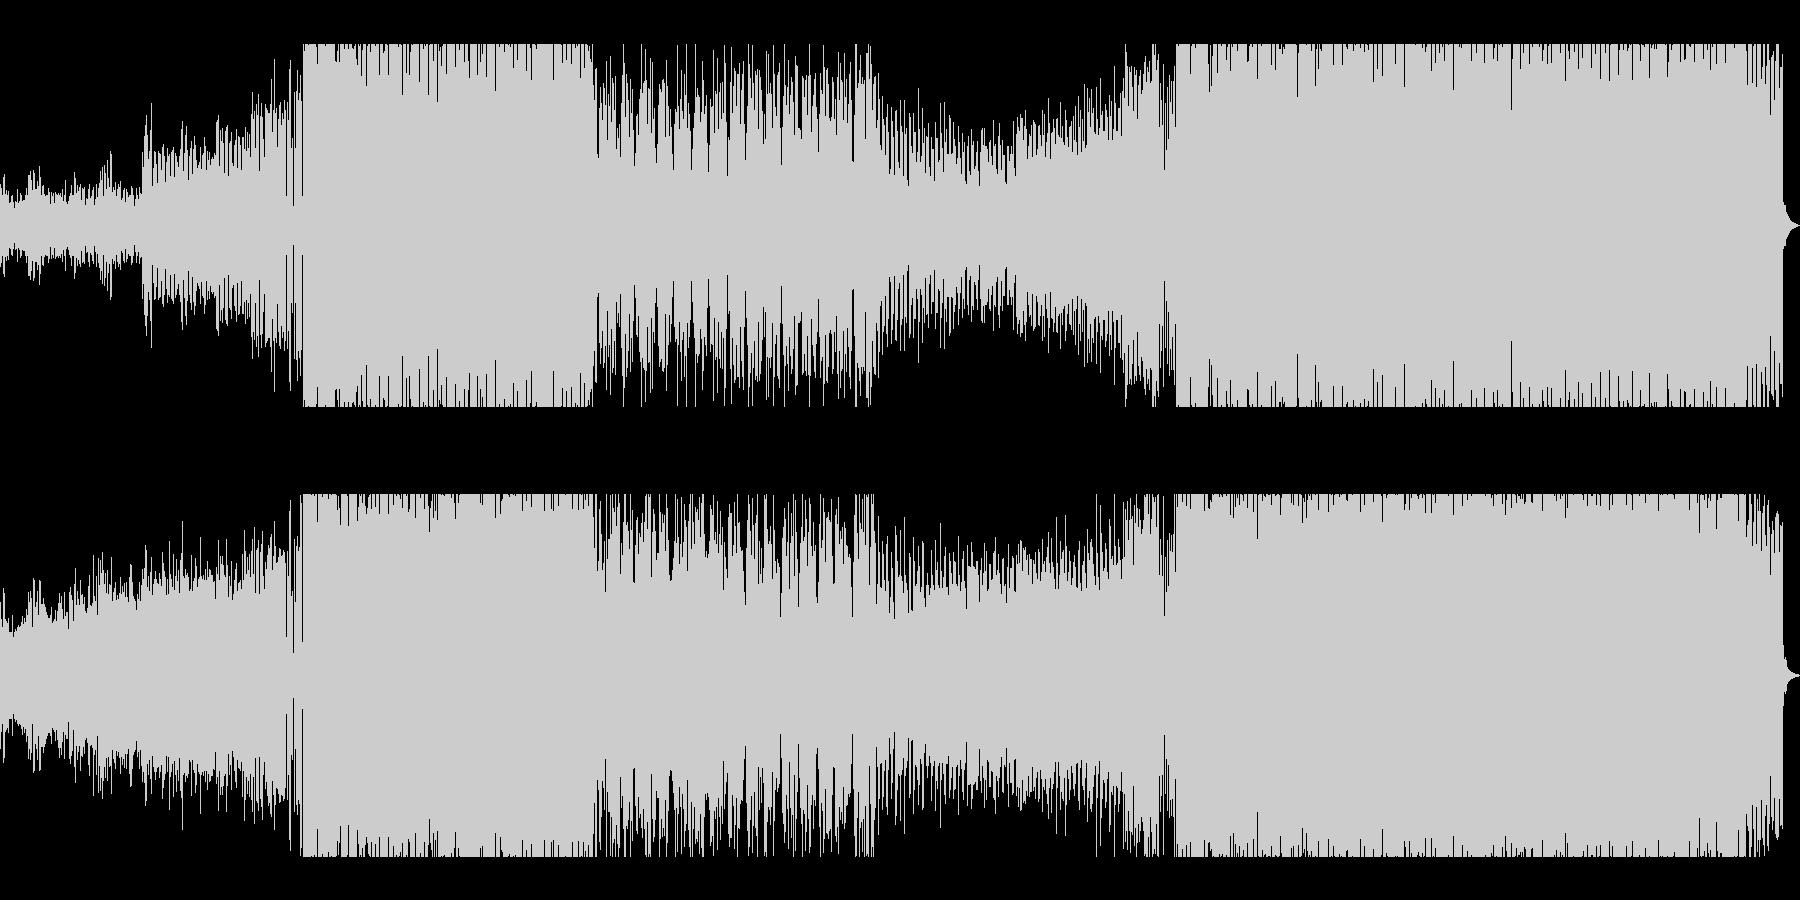 シンセとブラスが織りなすEDMサウンドの未再生の波形